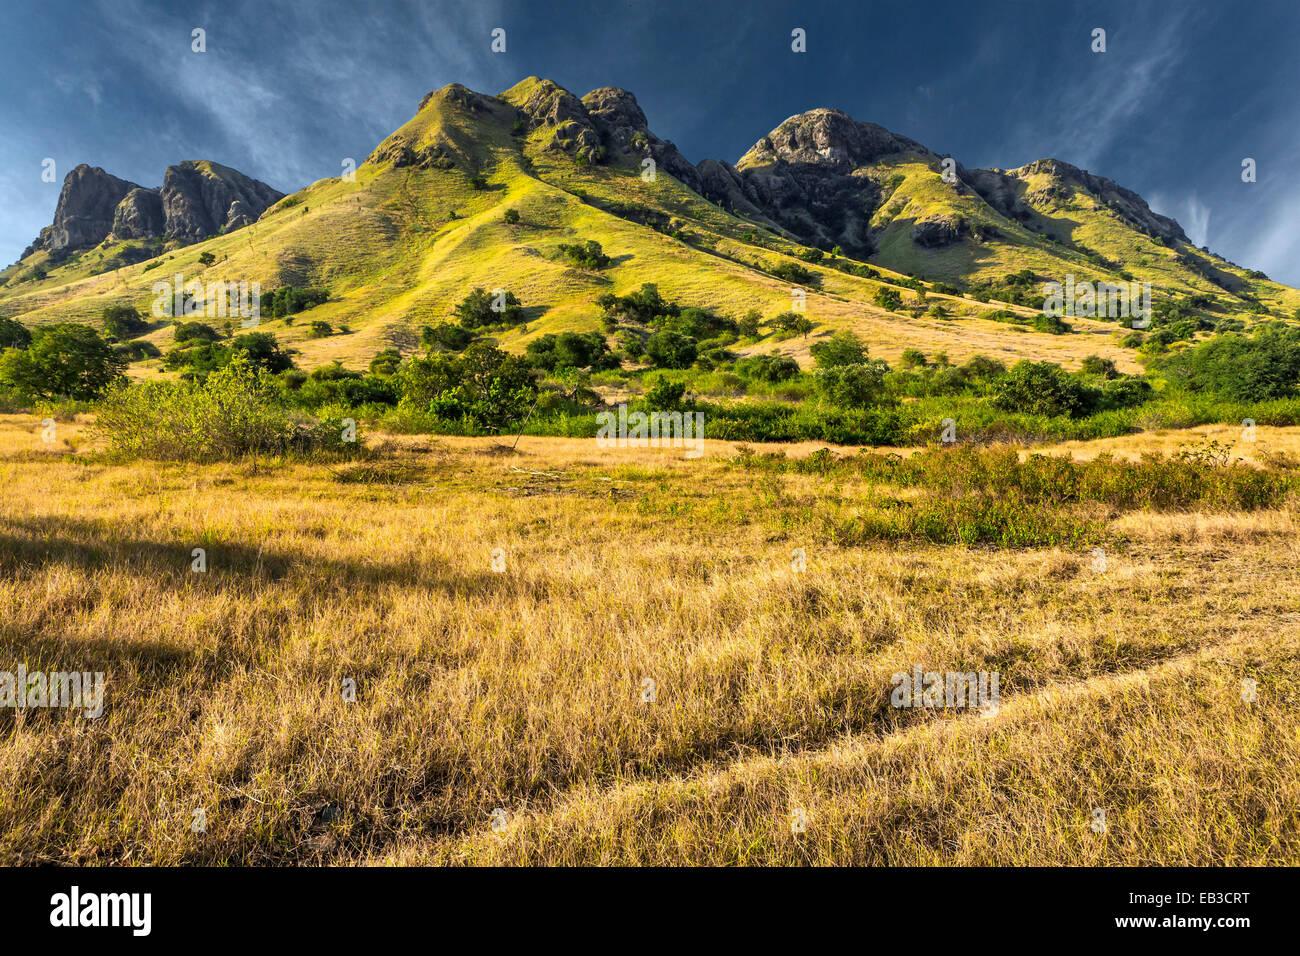 L'Indonésie, l'île de Flores, dans l'ensemble de l'herbe sèche de la savane tropicale Photo Stock